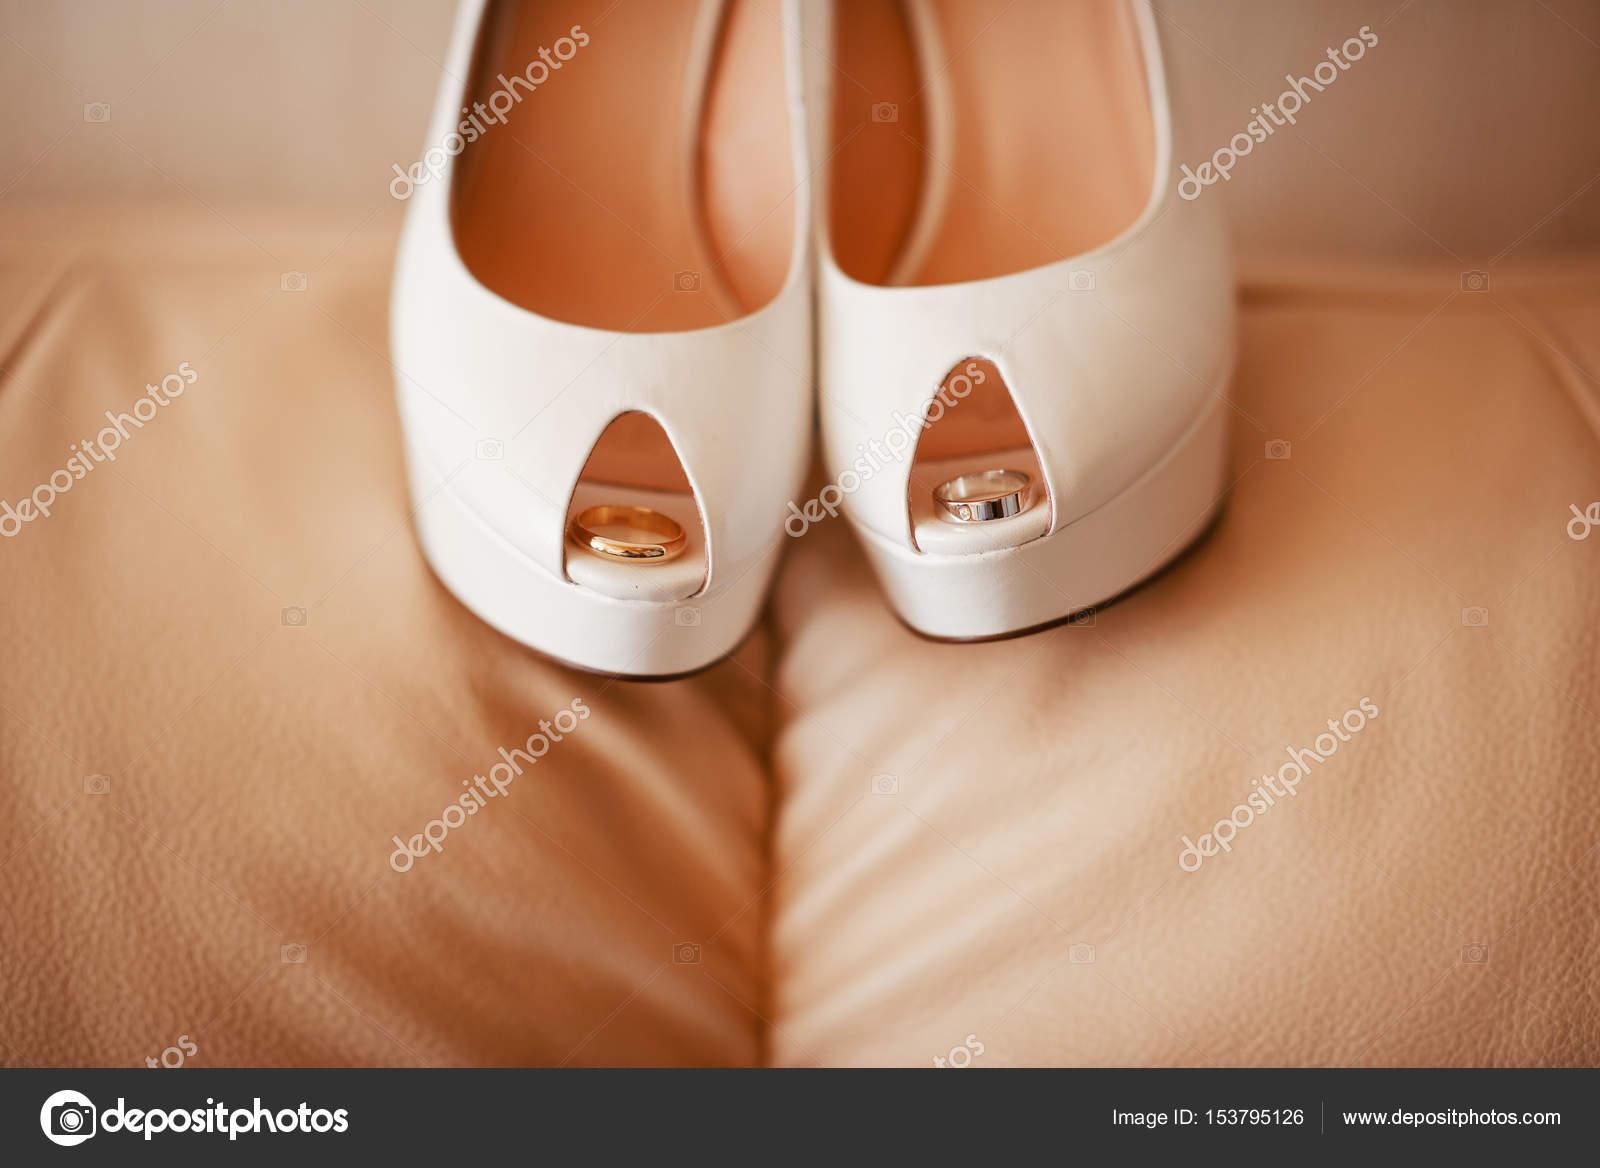 Moderne Hochzeitsschuhe Stockfoto C Shmelevanatalie 153795126